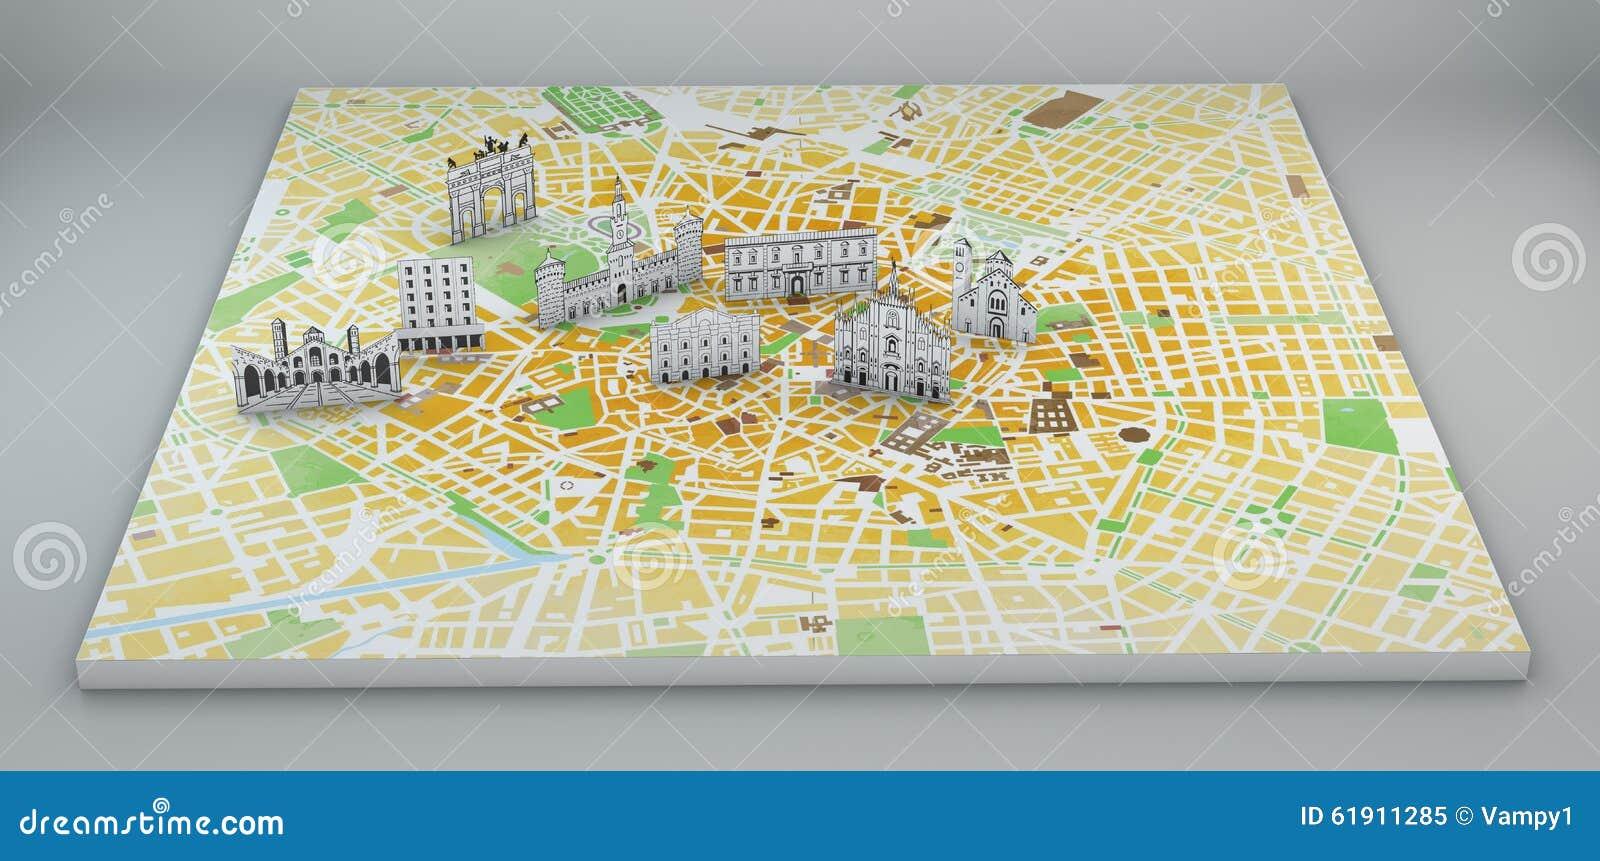 Milan, Vue Satellite, Carte Et Monuments Dessinés à La Main Illustration Stock - Image: 61911285